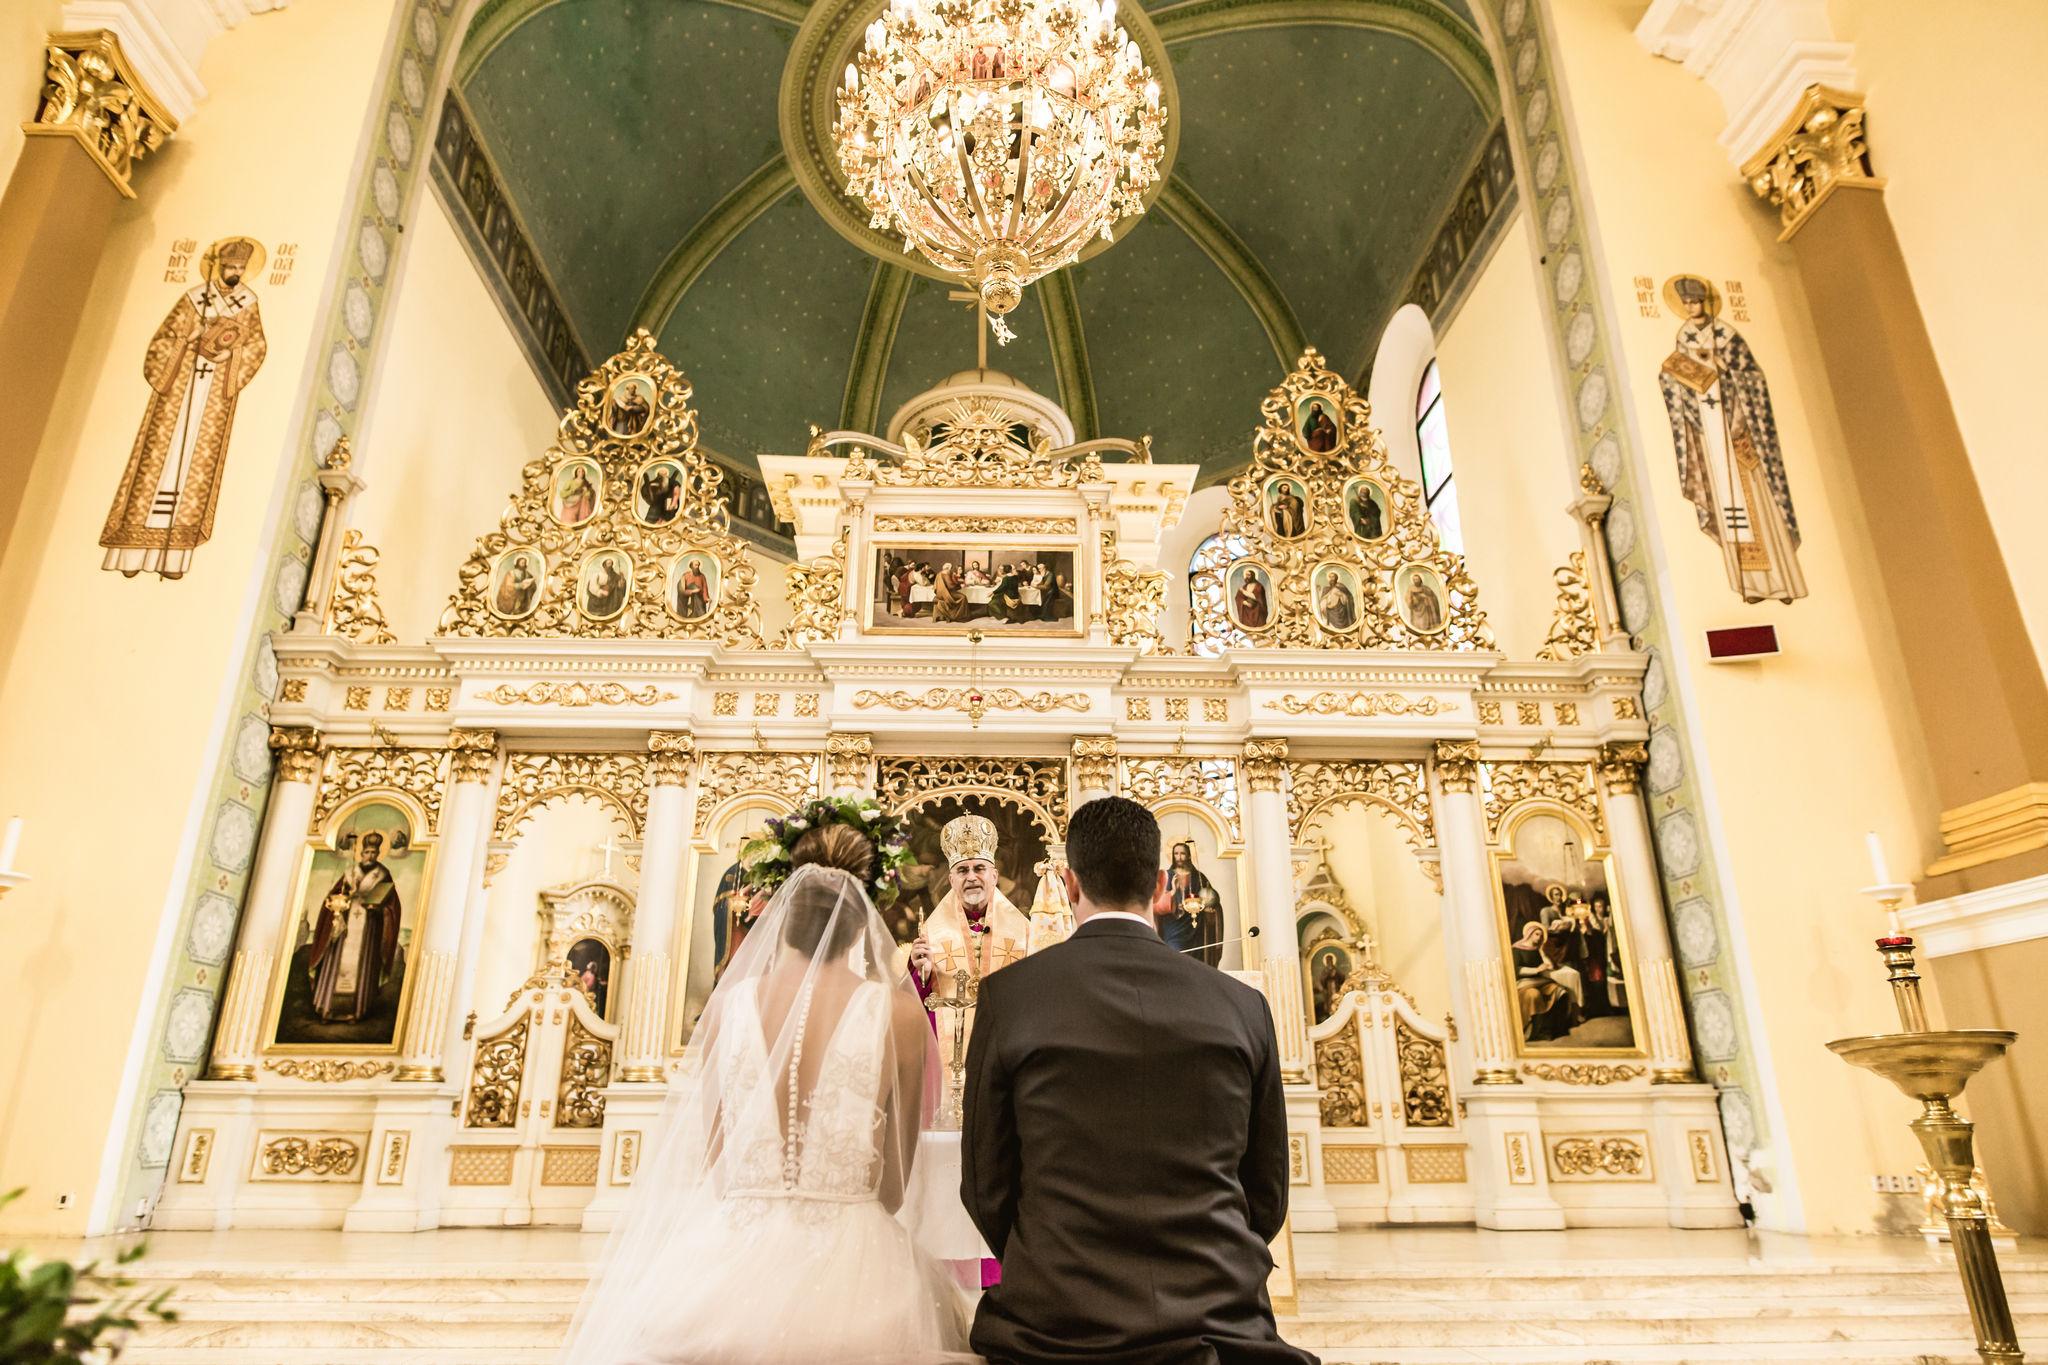 2eea4129c Zachovanie svadobných zvykov bolo pre mňa veľmi dôležité. Napríklad  čepčenie nevesty je veľmi emotívna časť svadby, ktorú stále preplačem a tak  tomu bolo aj ...